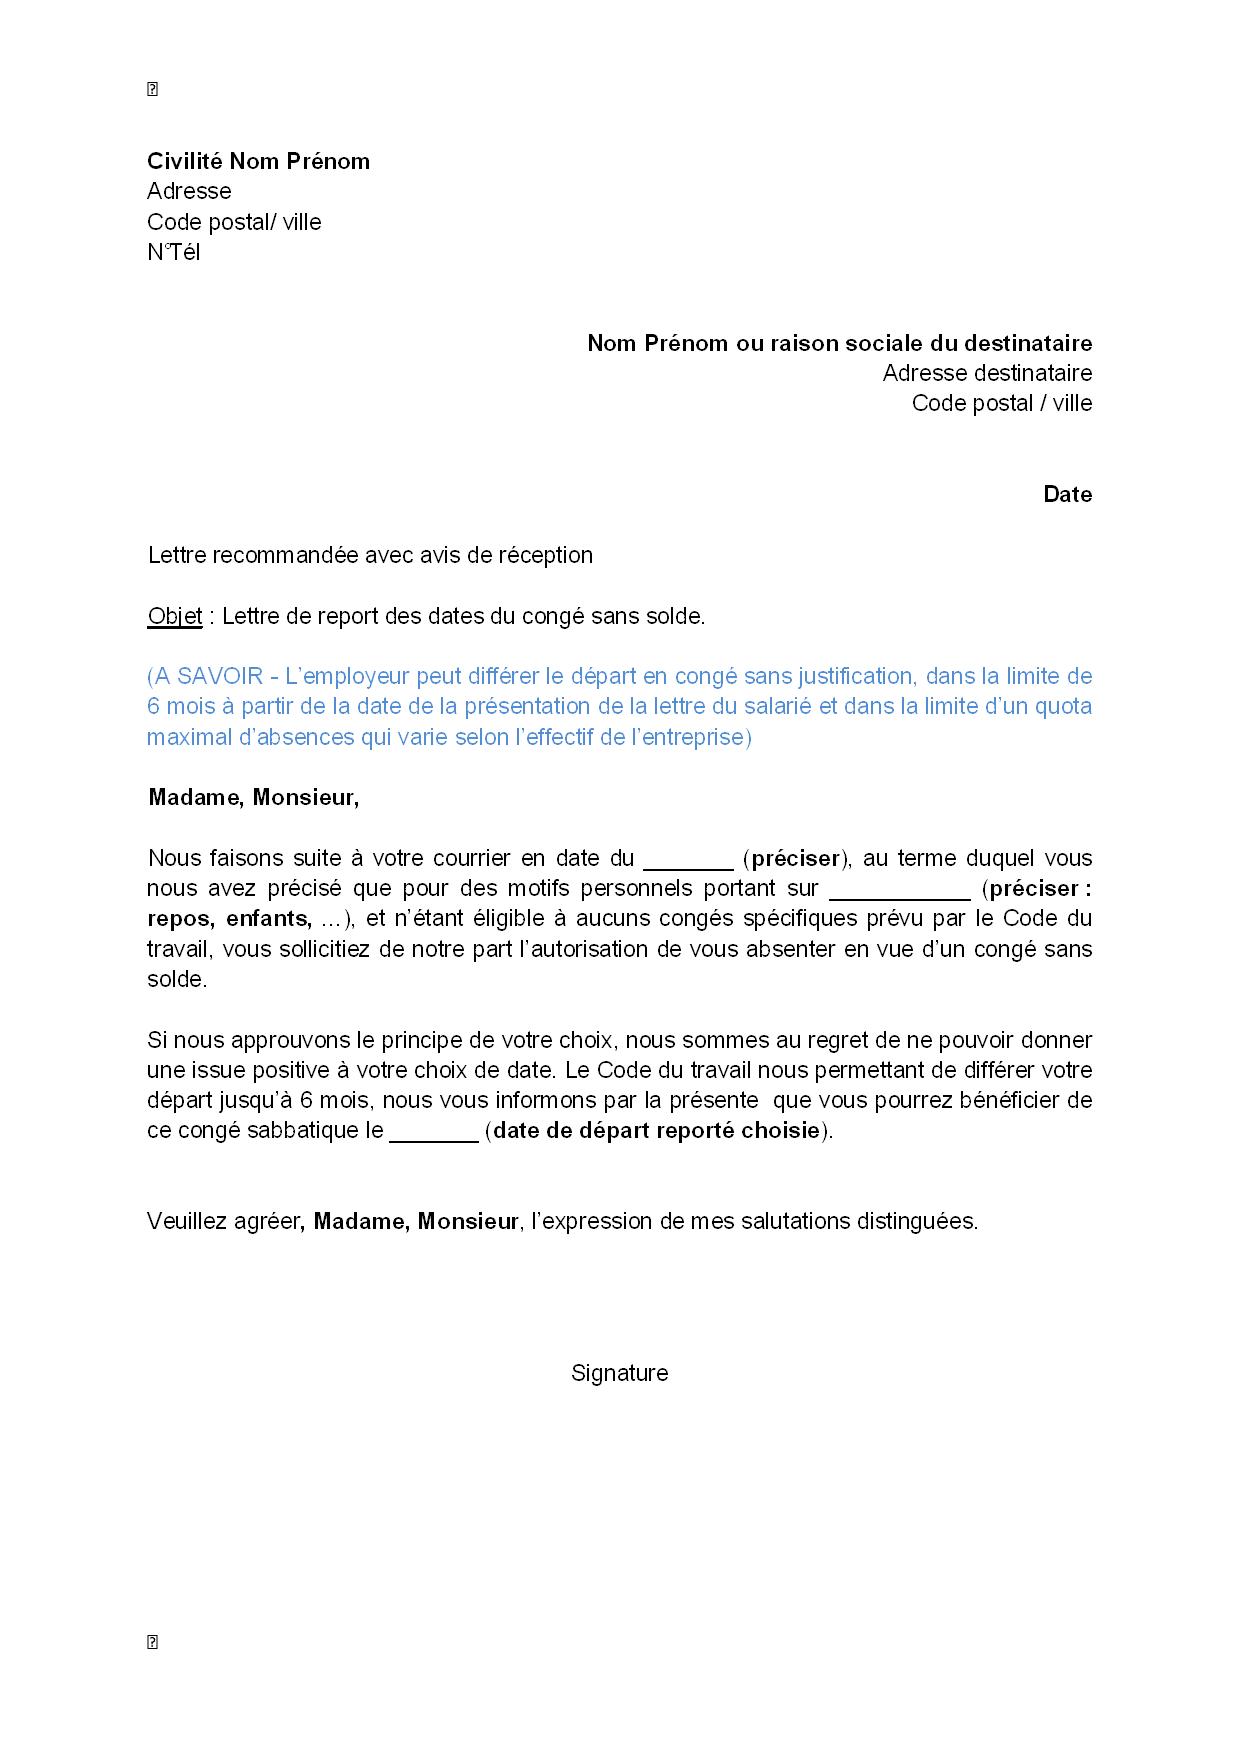 Lettre De Report Par L Employeur Des Dates Du Conge Sans Solde